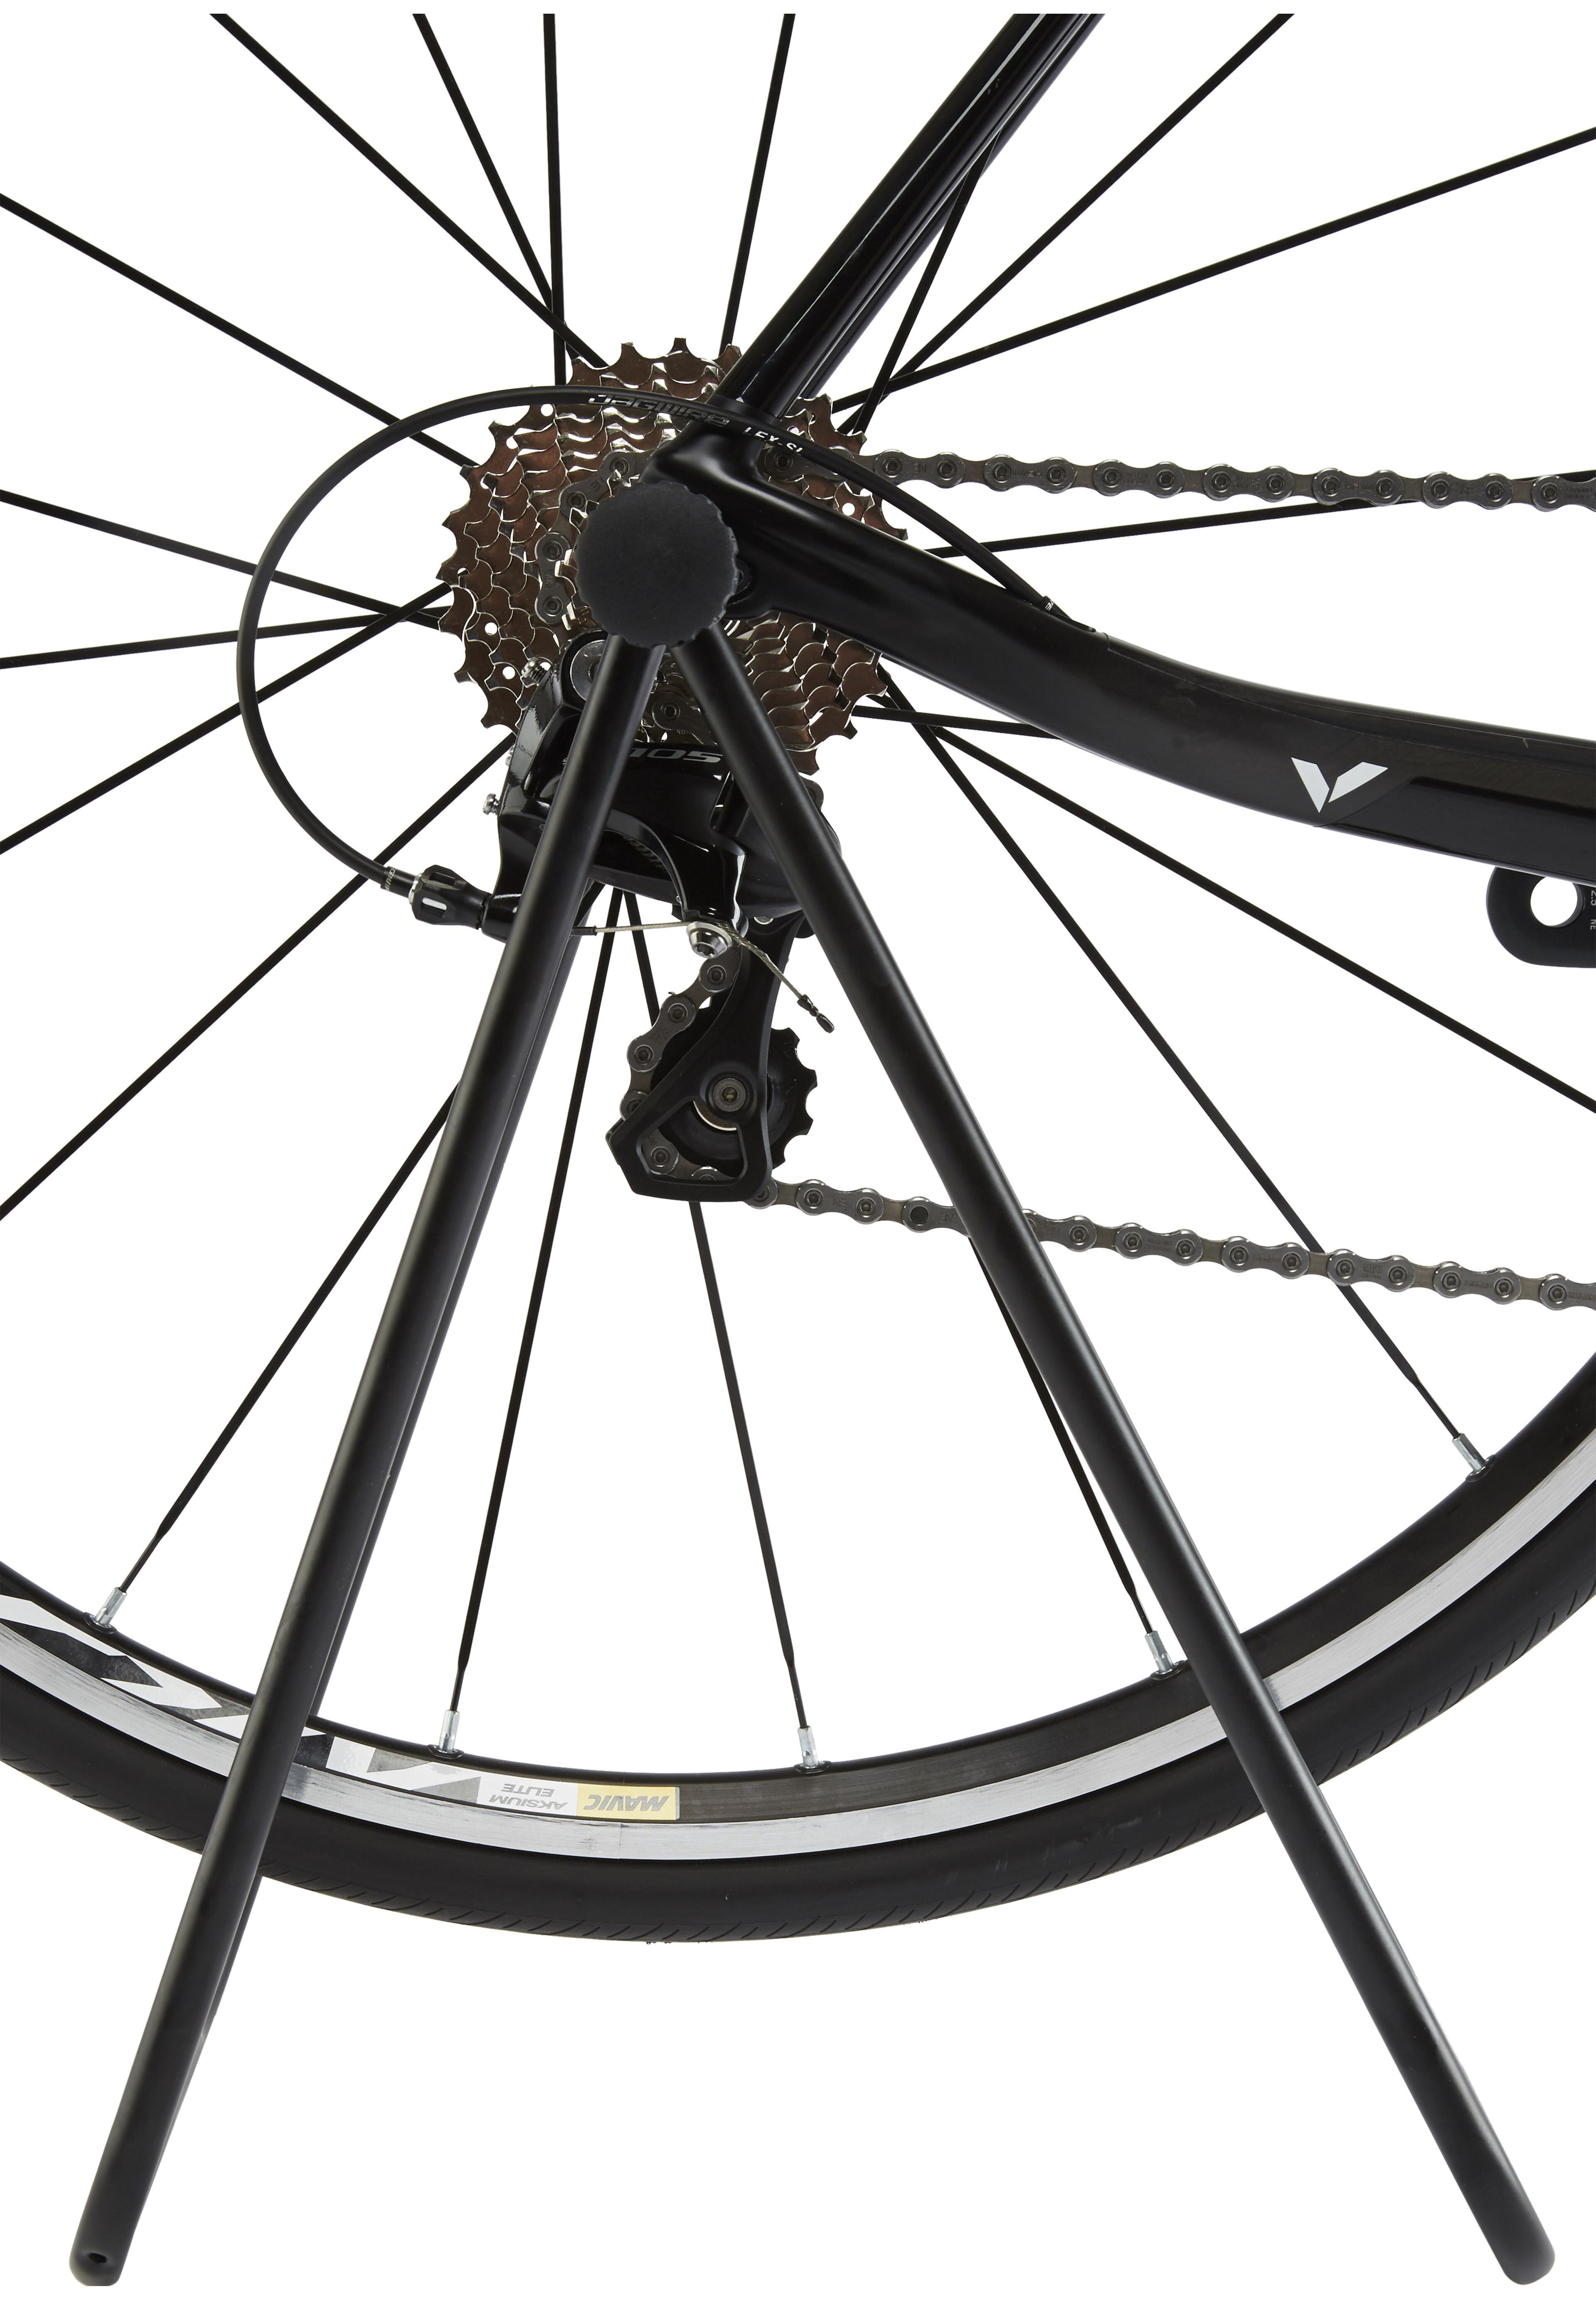 Meget Cykelholder Til Reparation TH87 | Congregationshiratshalom JD93